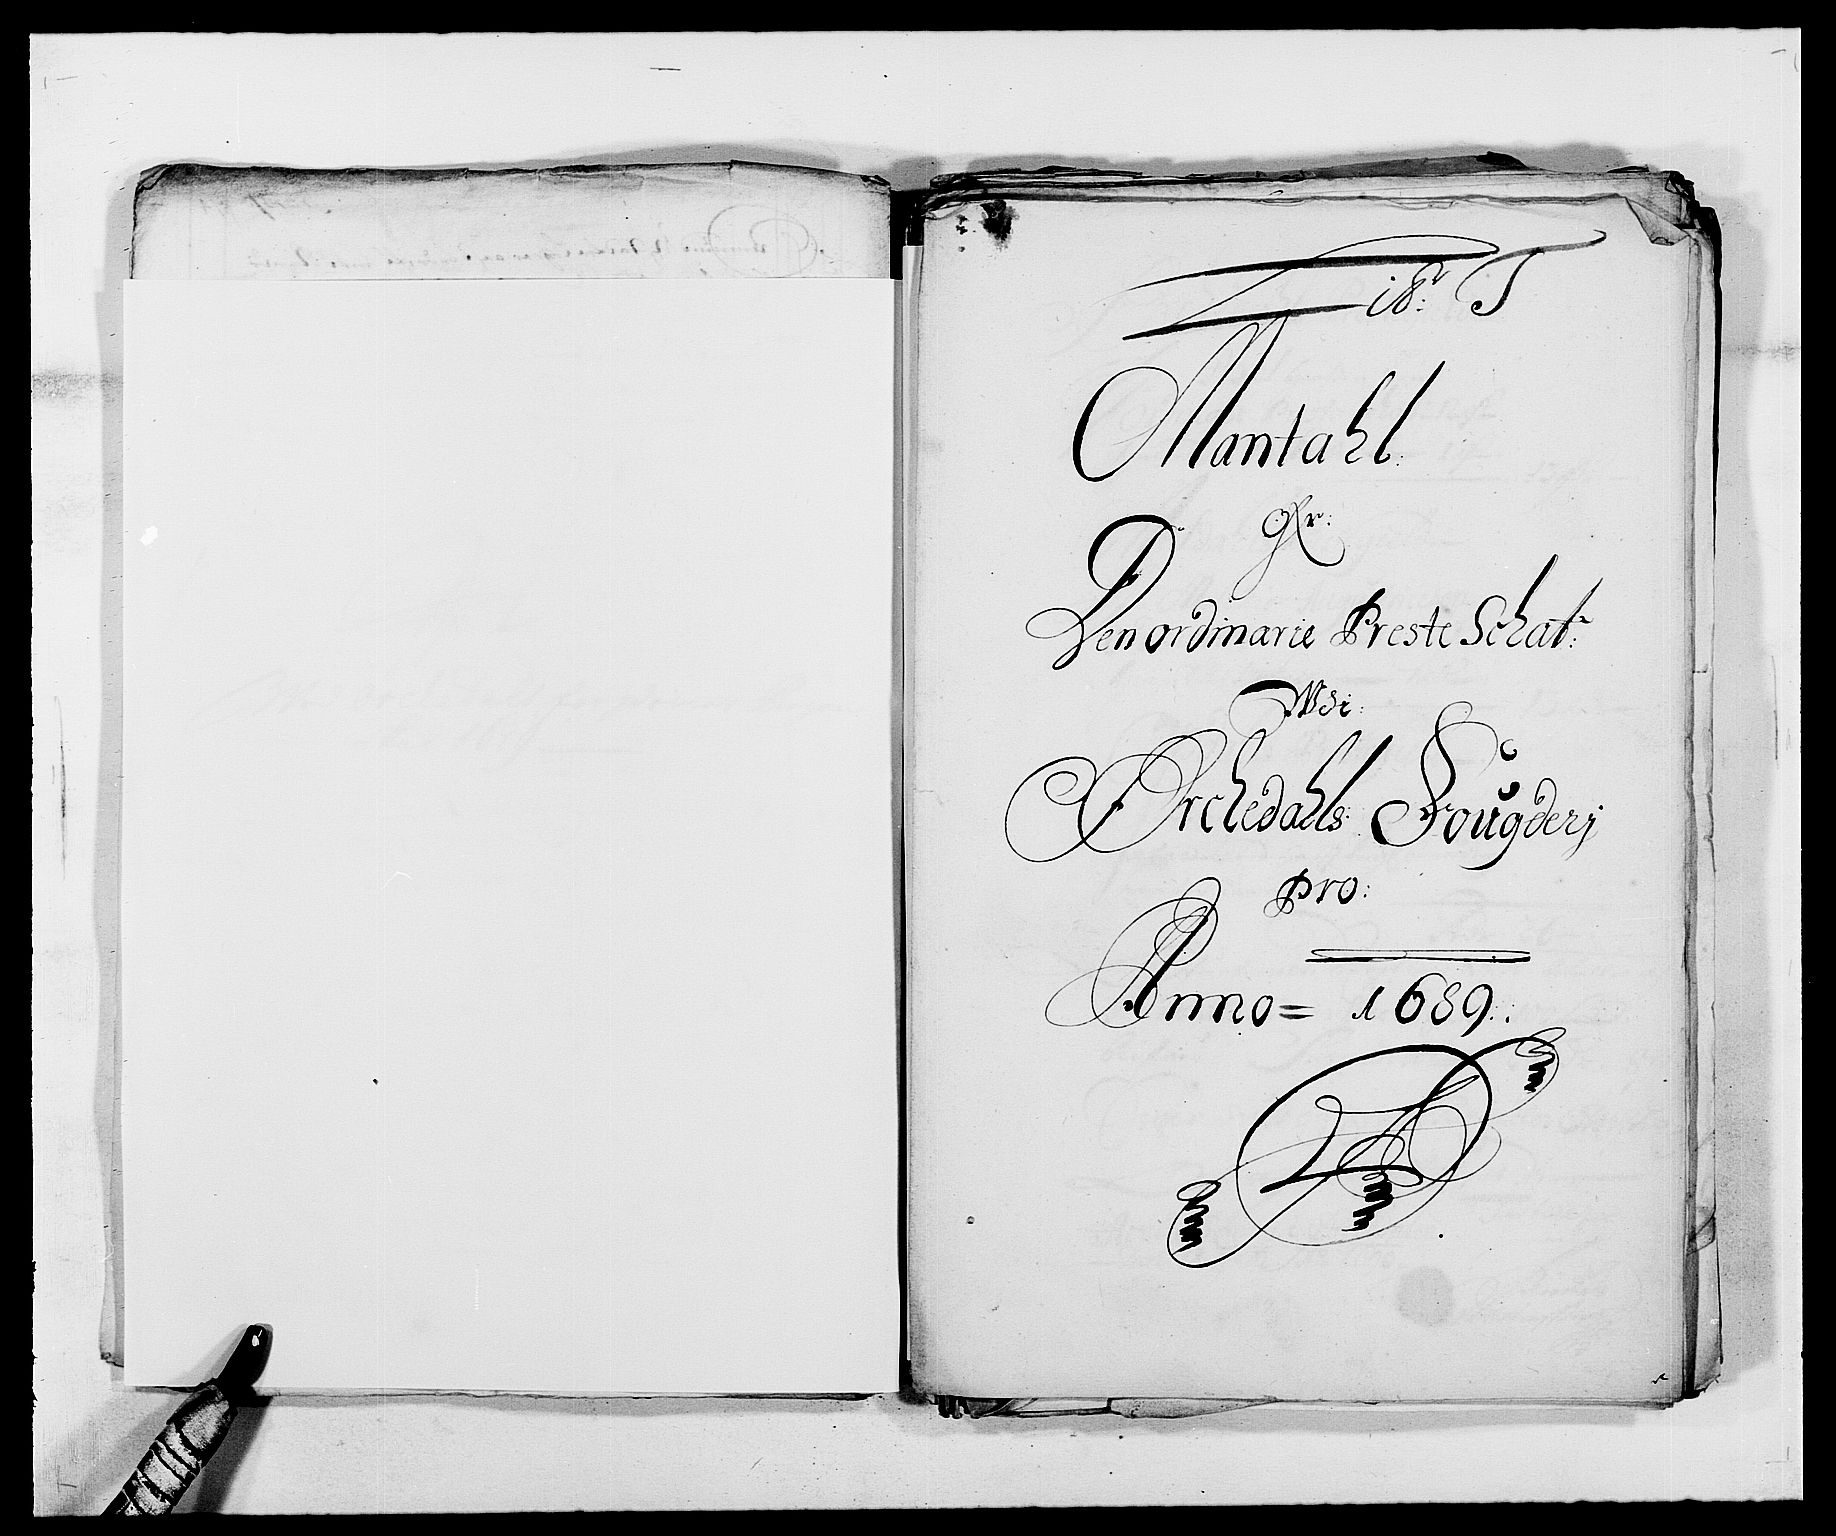 RA, Rentekammeret inntil 1814, Reviderte regnskaper, Fogderegnskap, R58/L3936: Fogderegnskap Orkdal, 1689-1690, s. 179